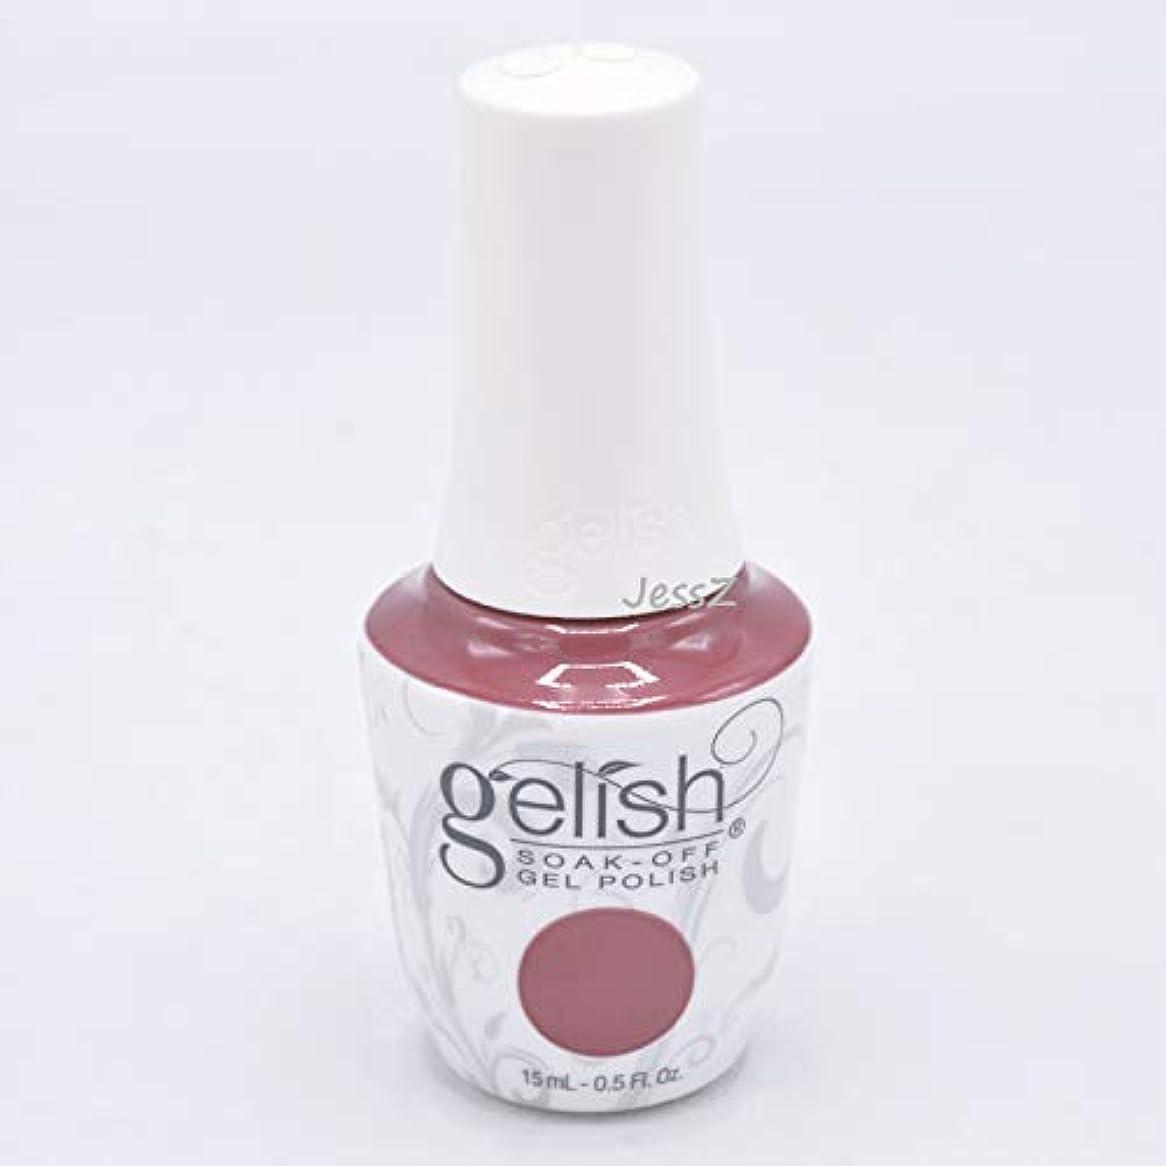 マイルストーンペルソナ持参Gelish Soak-Off Gel - African Safari Collection - No Sudden Mauves - 15 ml/05 oz